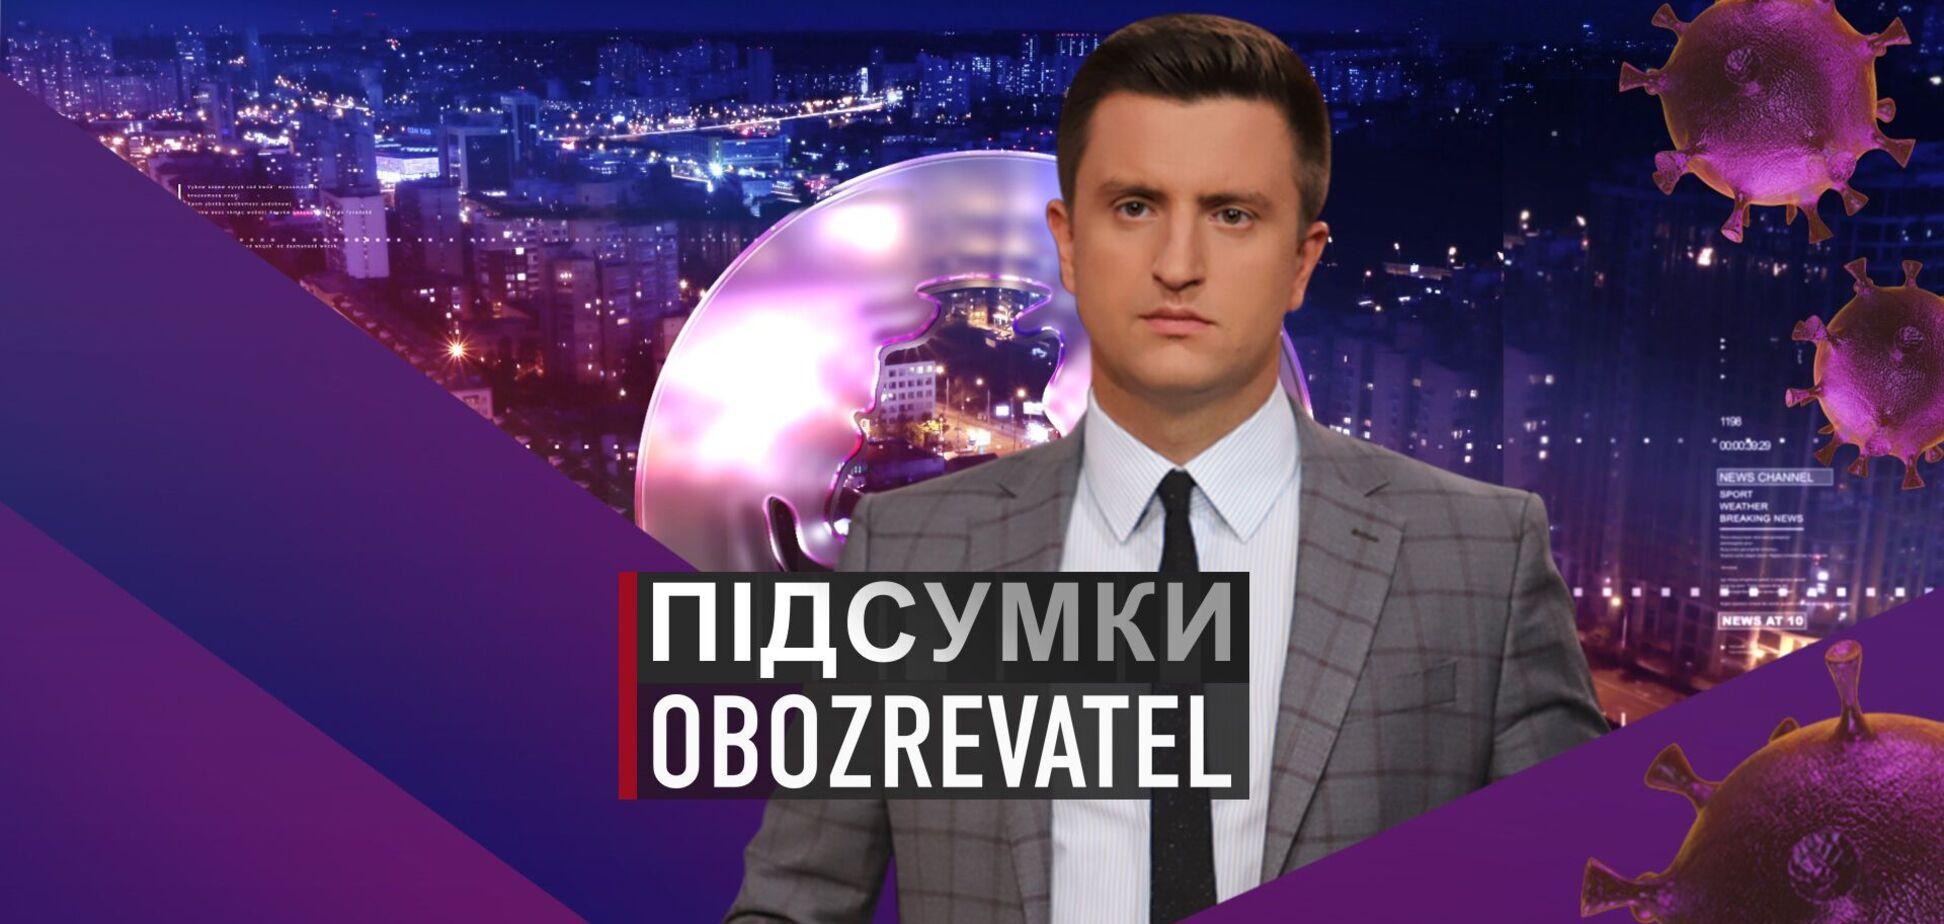 Підсумки с Вадимом Колодийчуком. Понедельник, 6 июля